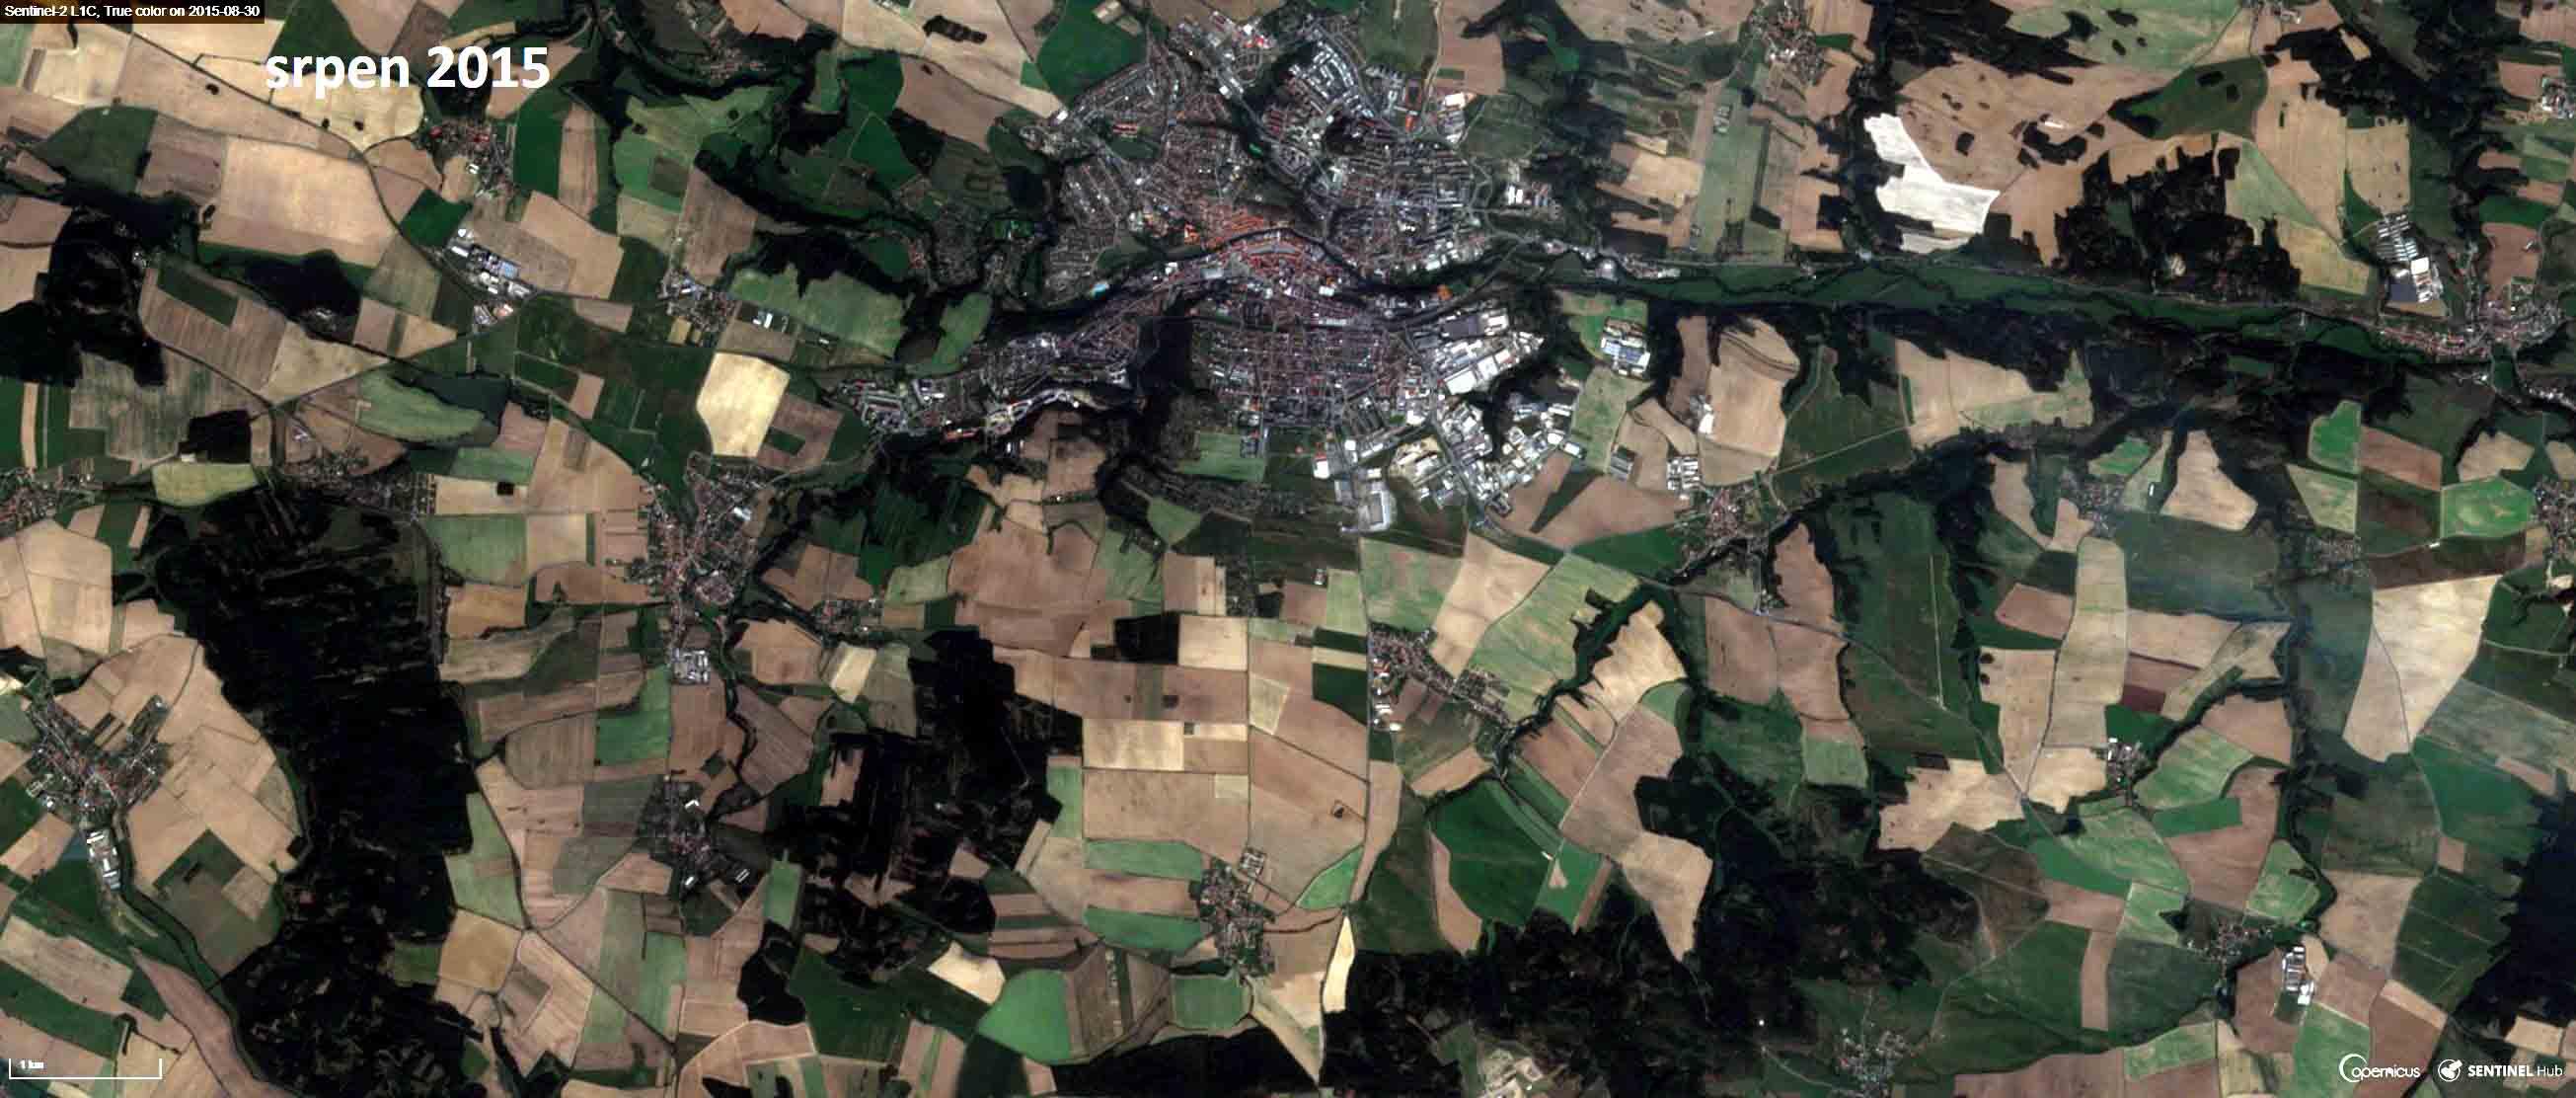 Satelitní snímek Třebíče a okolí z roku 2015